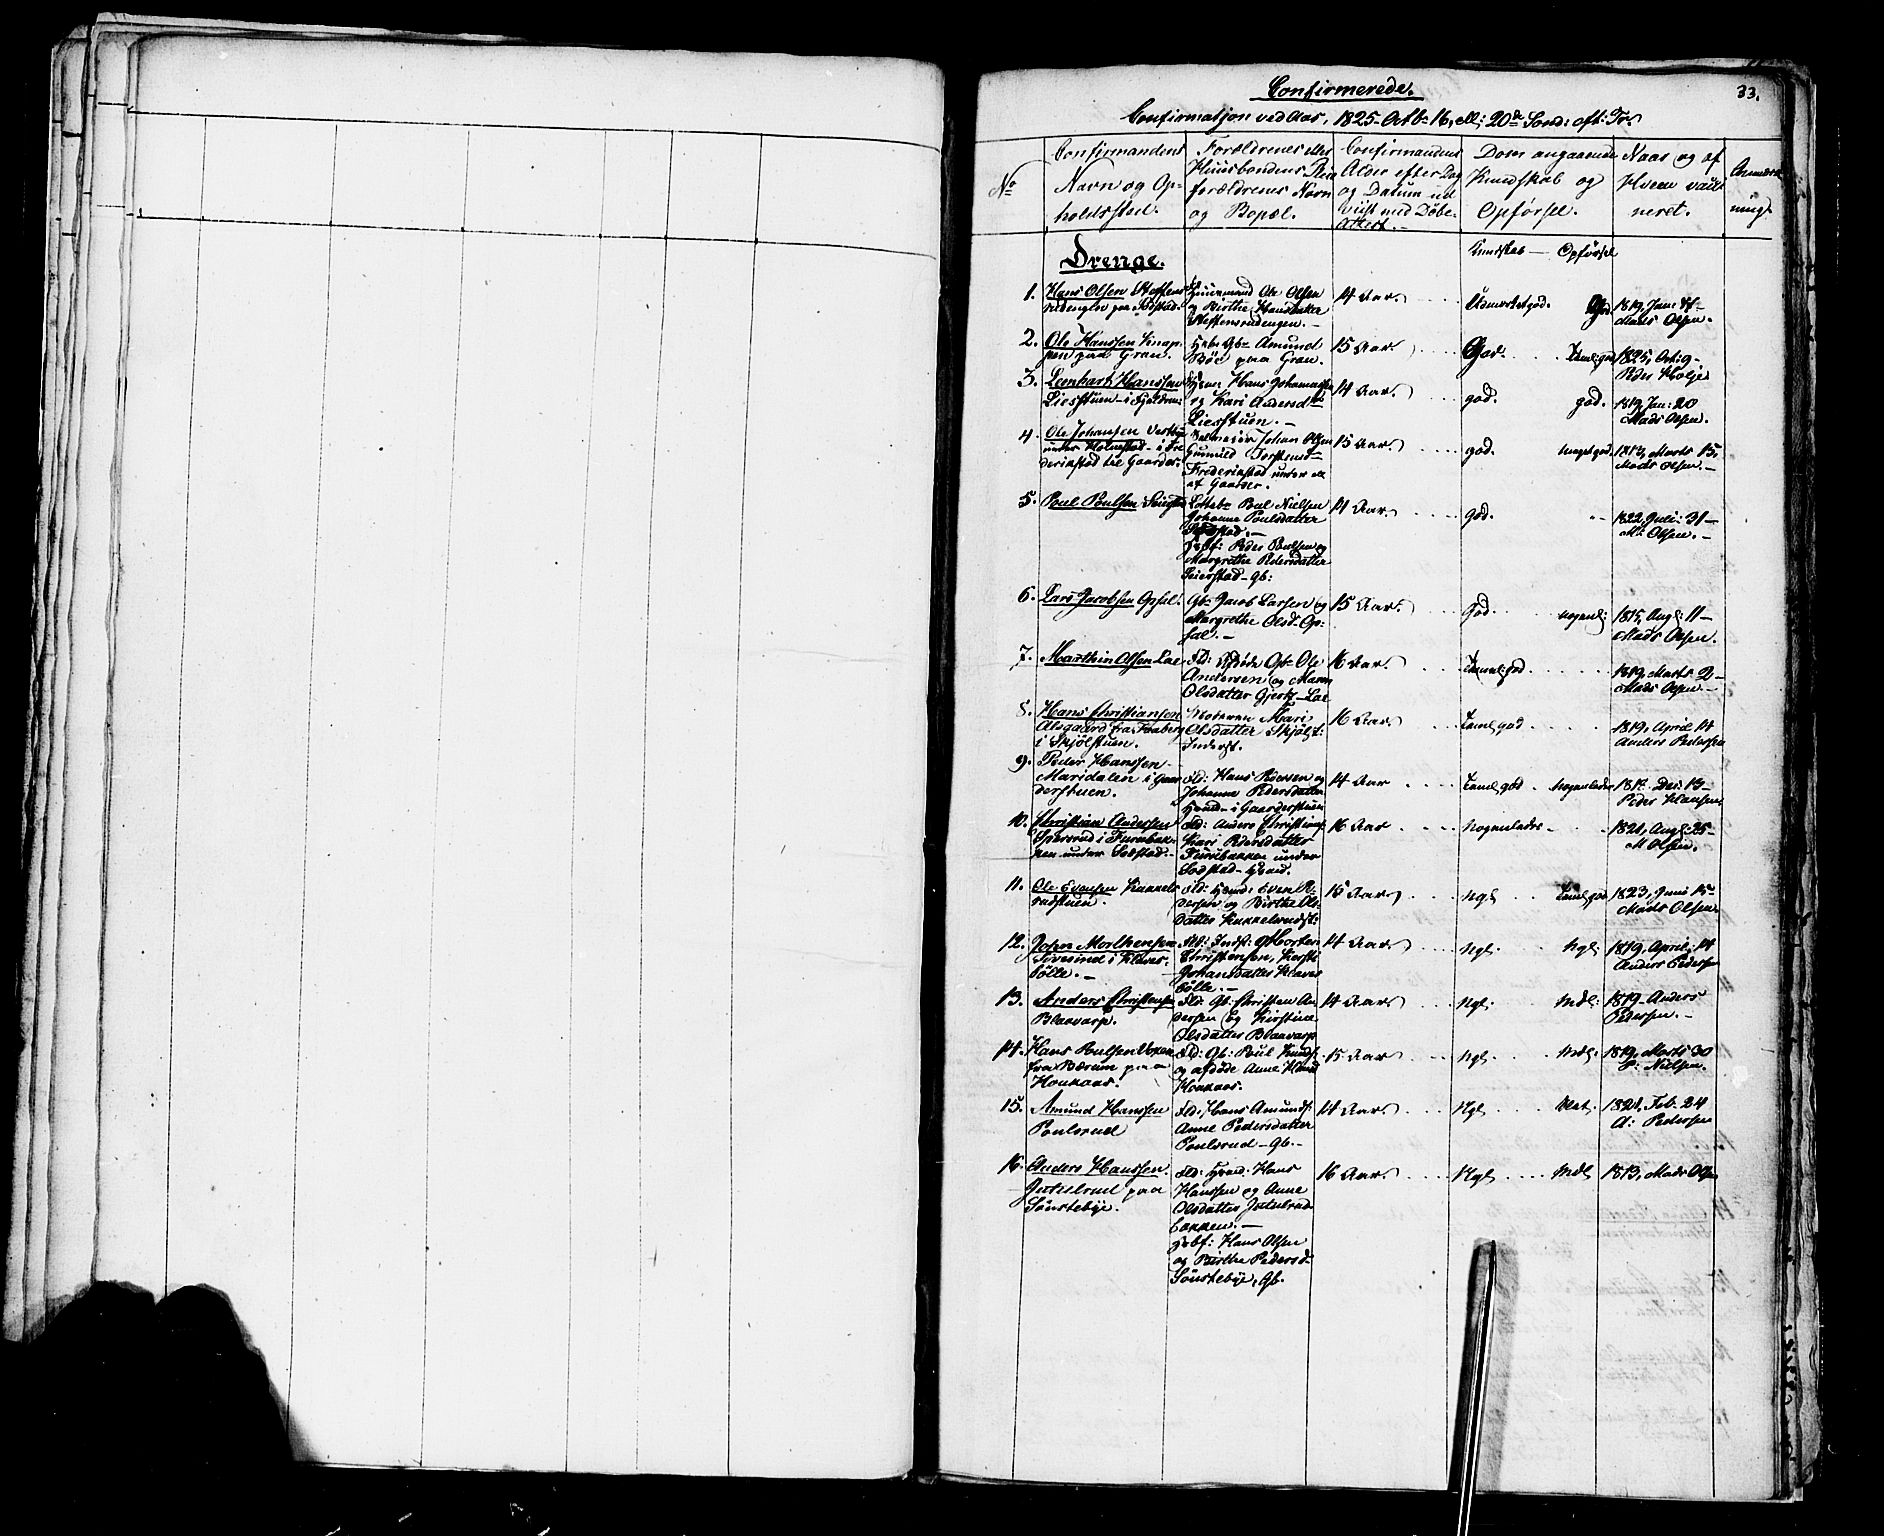 SAH, Vestre Toten prestekontor, Ministerialbok nr. 1, 1825-1826, s. 33